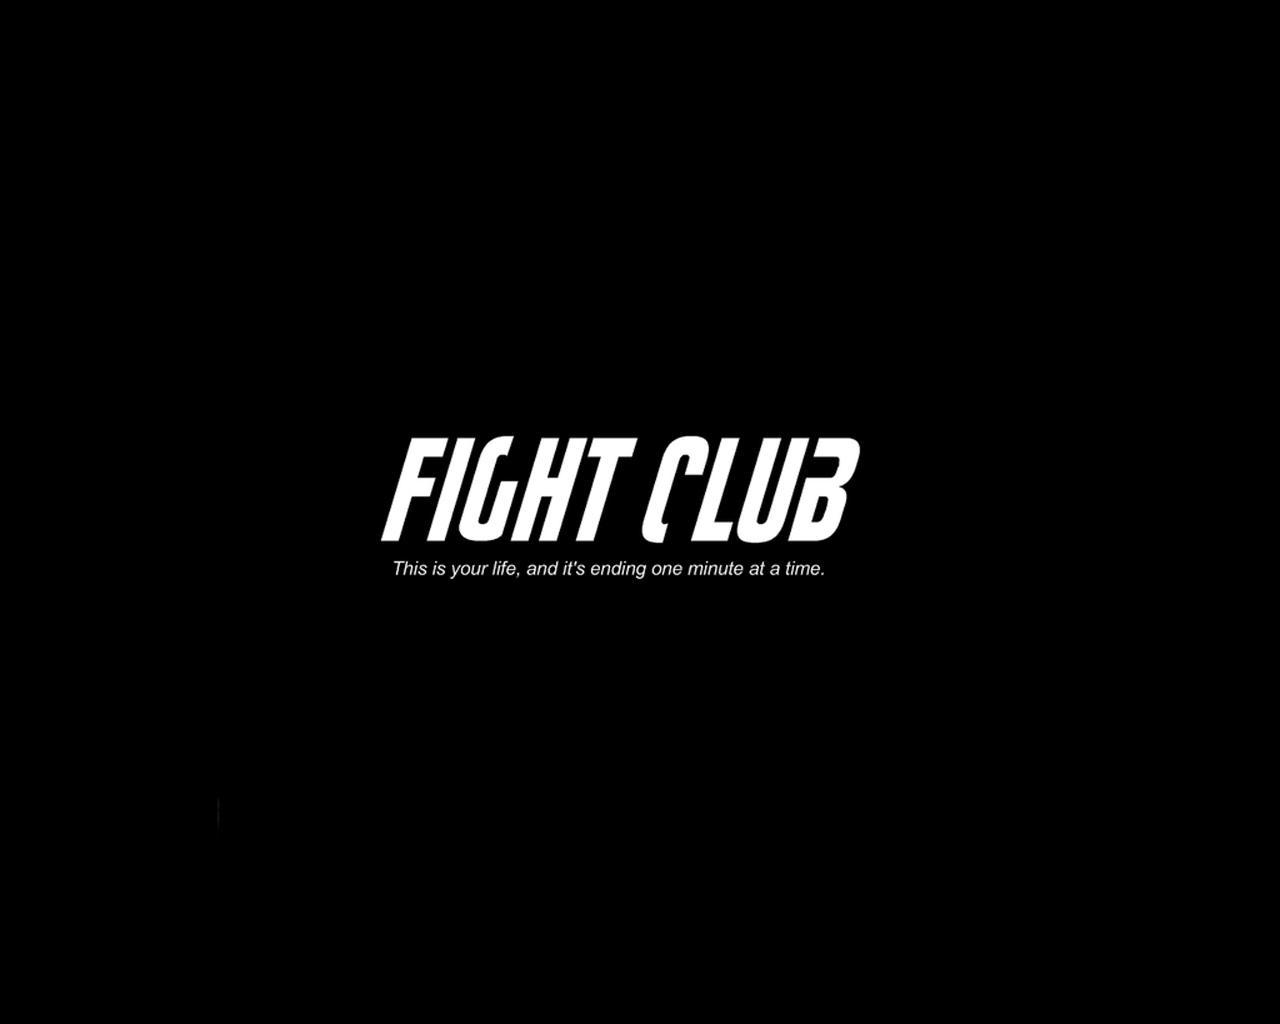 Movie Fight Club Wallpaper 1280x1024 Movie Fight Club 1280x1024